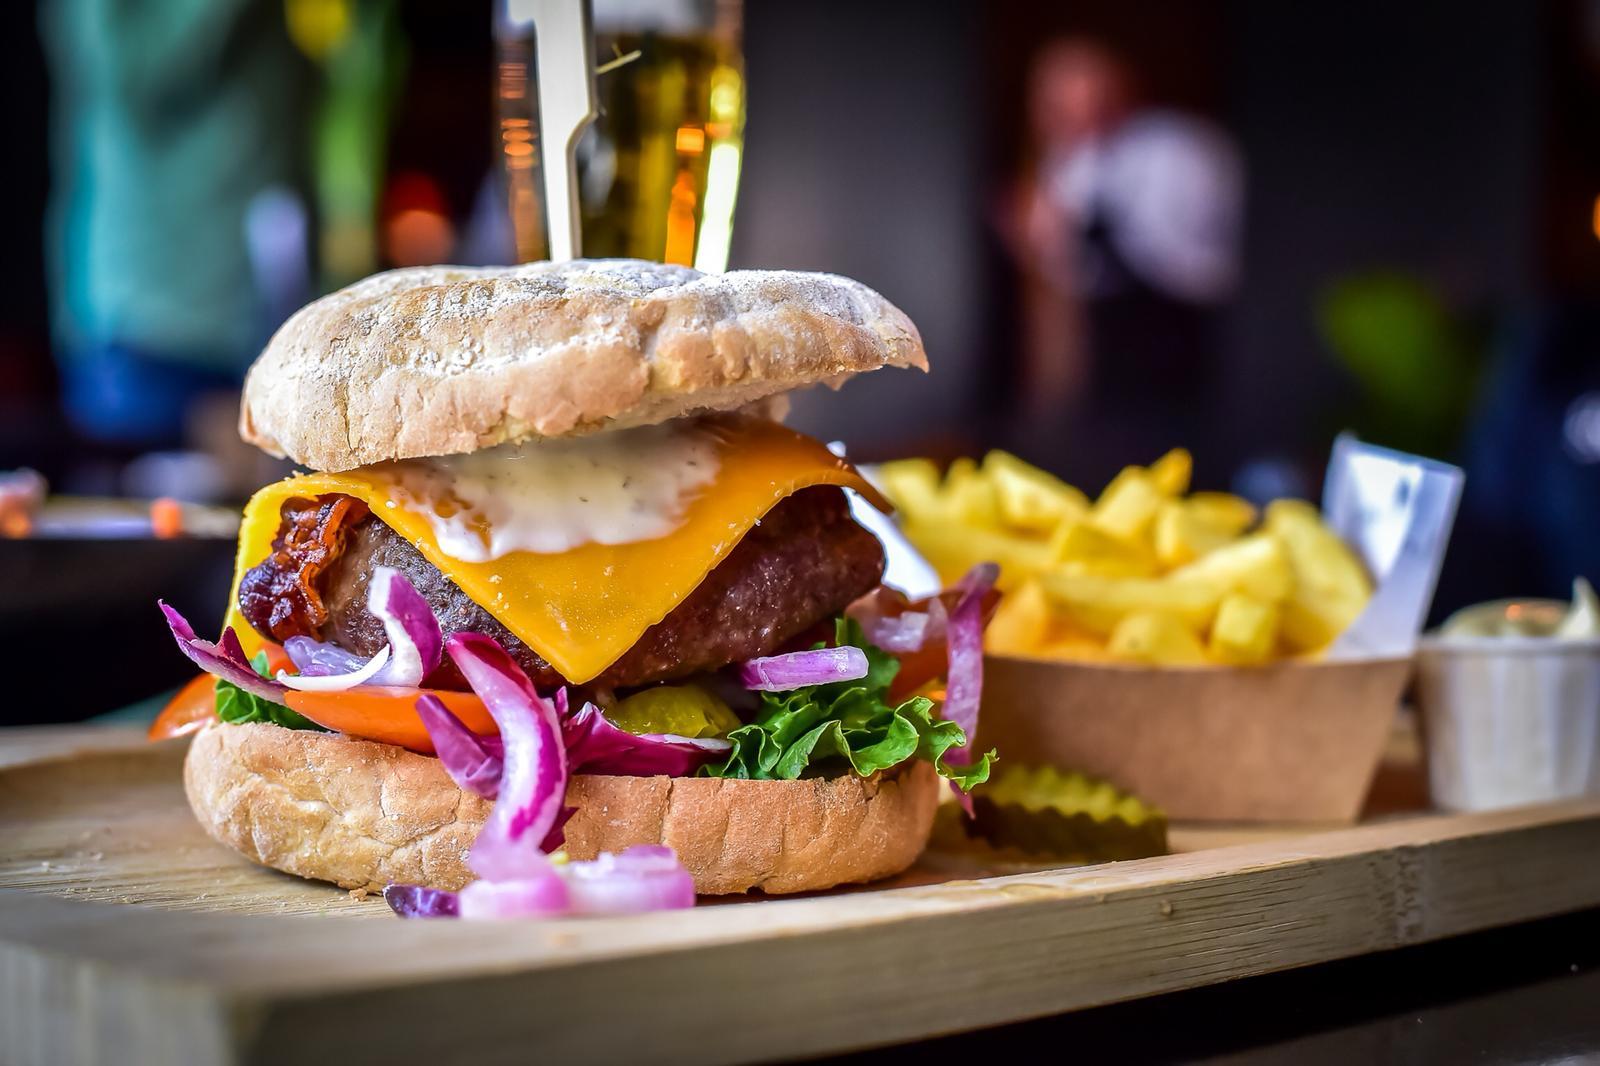 Woensdag: Bier + Burger = €15